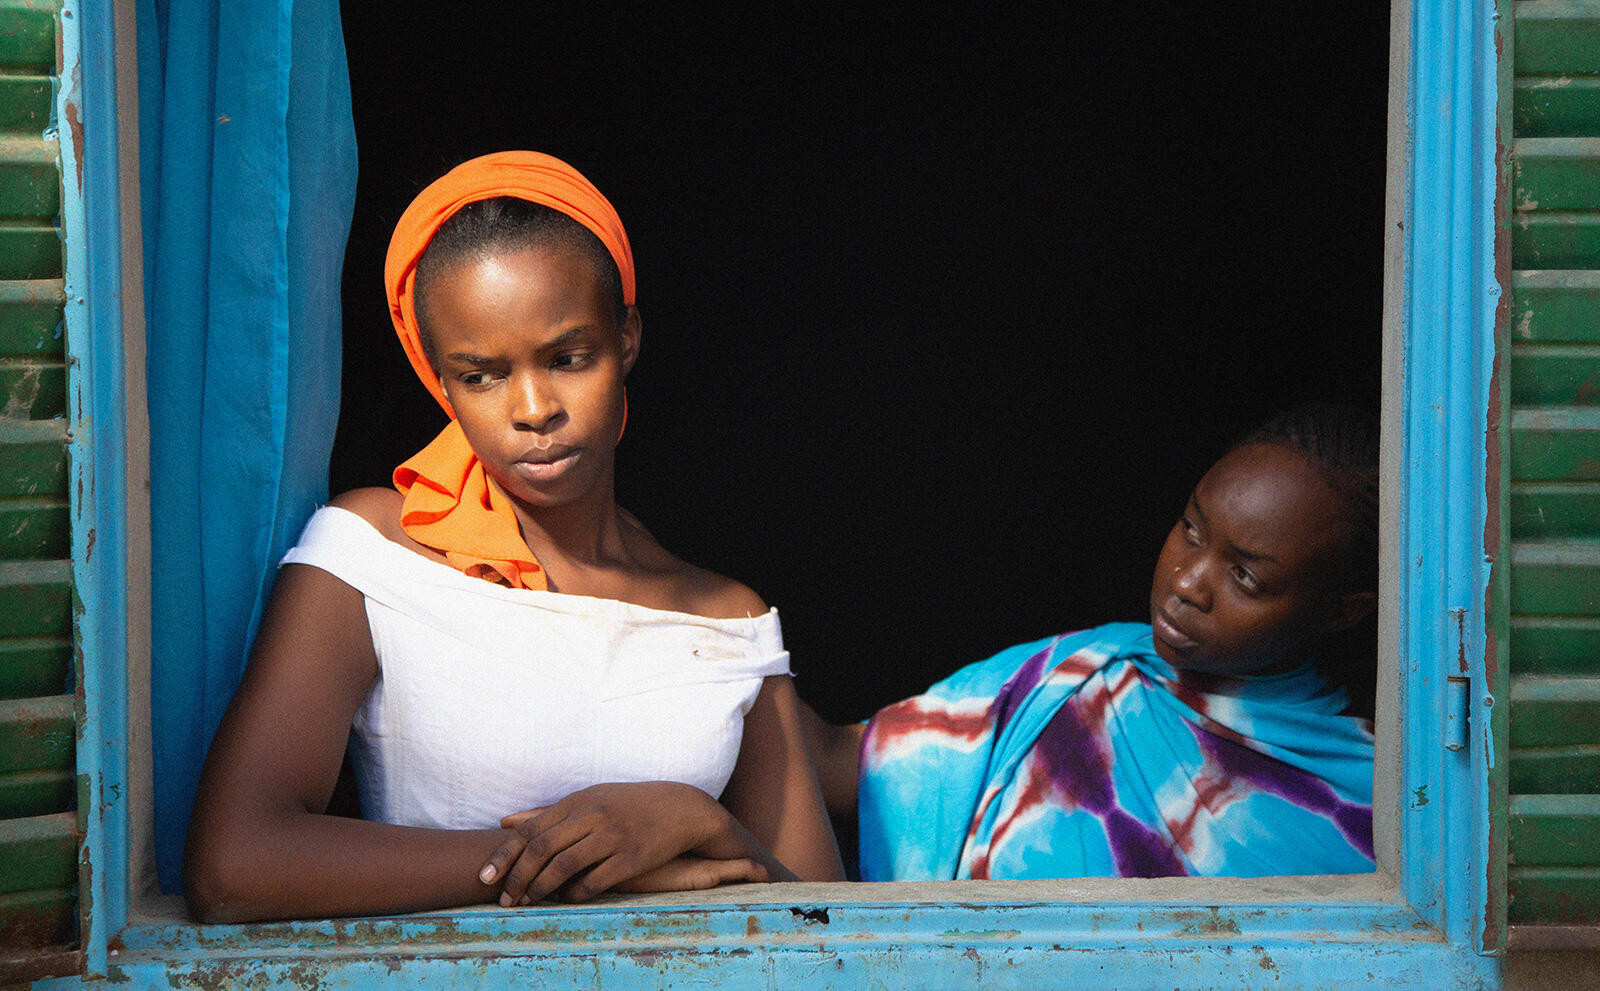 « Lingui, les liens sacrés », film de Mahamat-Saleh Haroun (Tchad), en lice pour la Palme d'or au Festival de Cannes 2021.  © Pili Films/Mathieu Giombini